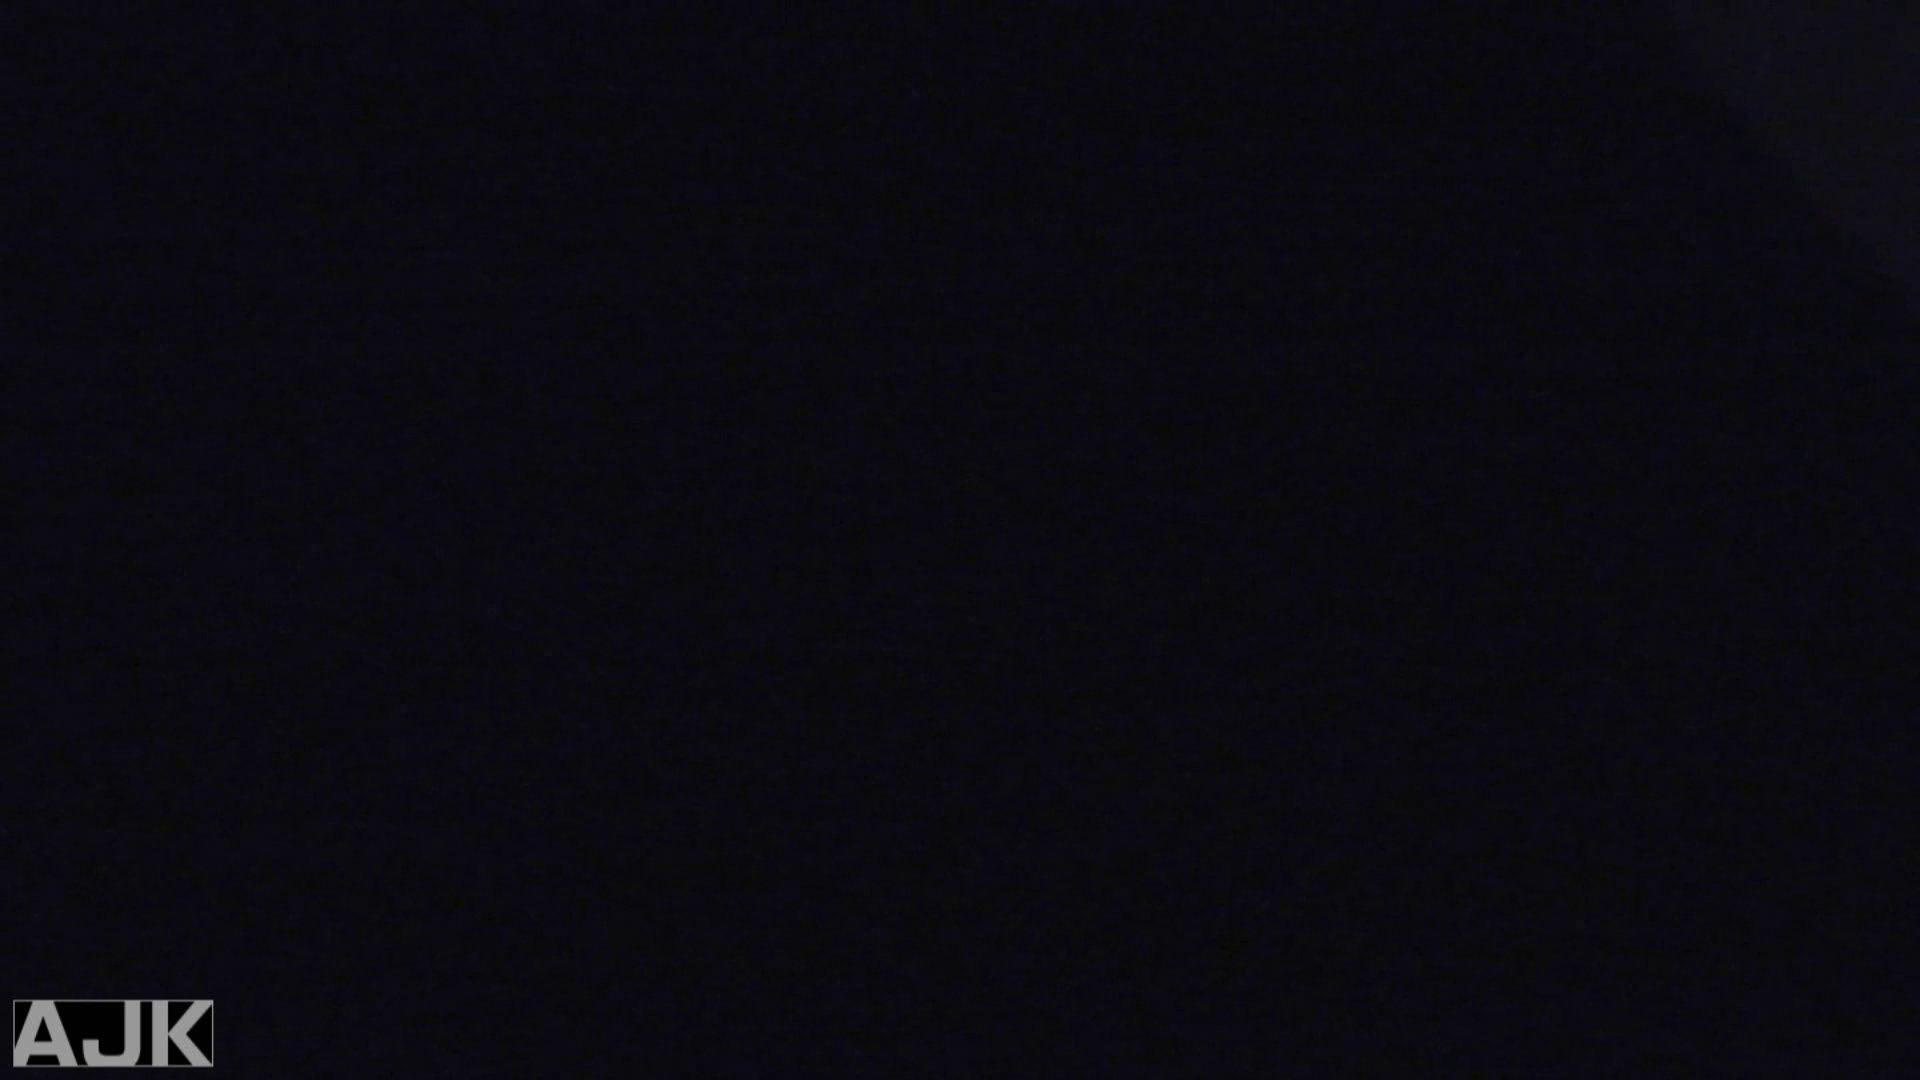 神降臨!史上最強の潜入かわや! vol.22 美女まとめ セックス無修正動画無料 112PIX 64